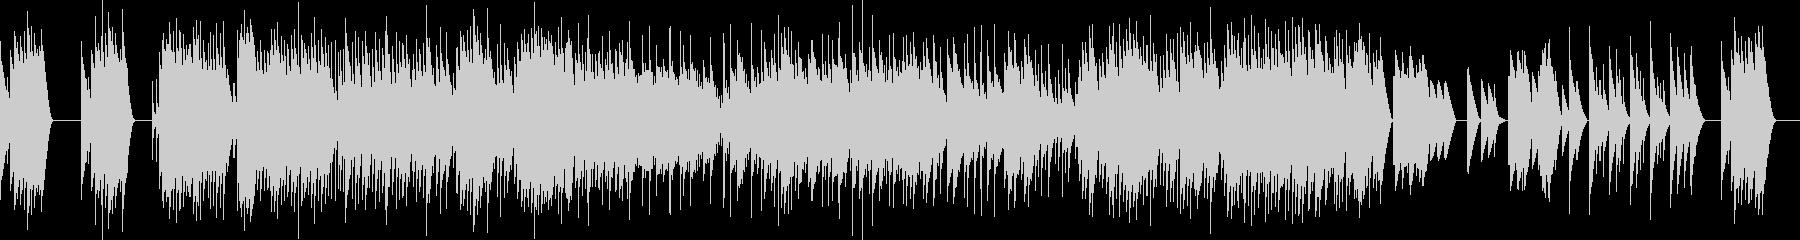 フォーレ 1.前奏曲  オルゴールの未再生の波形